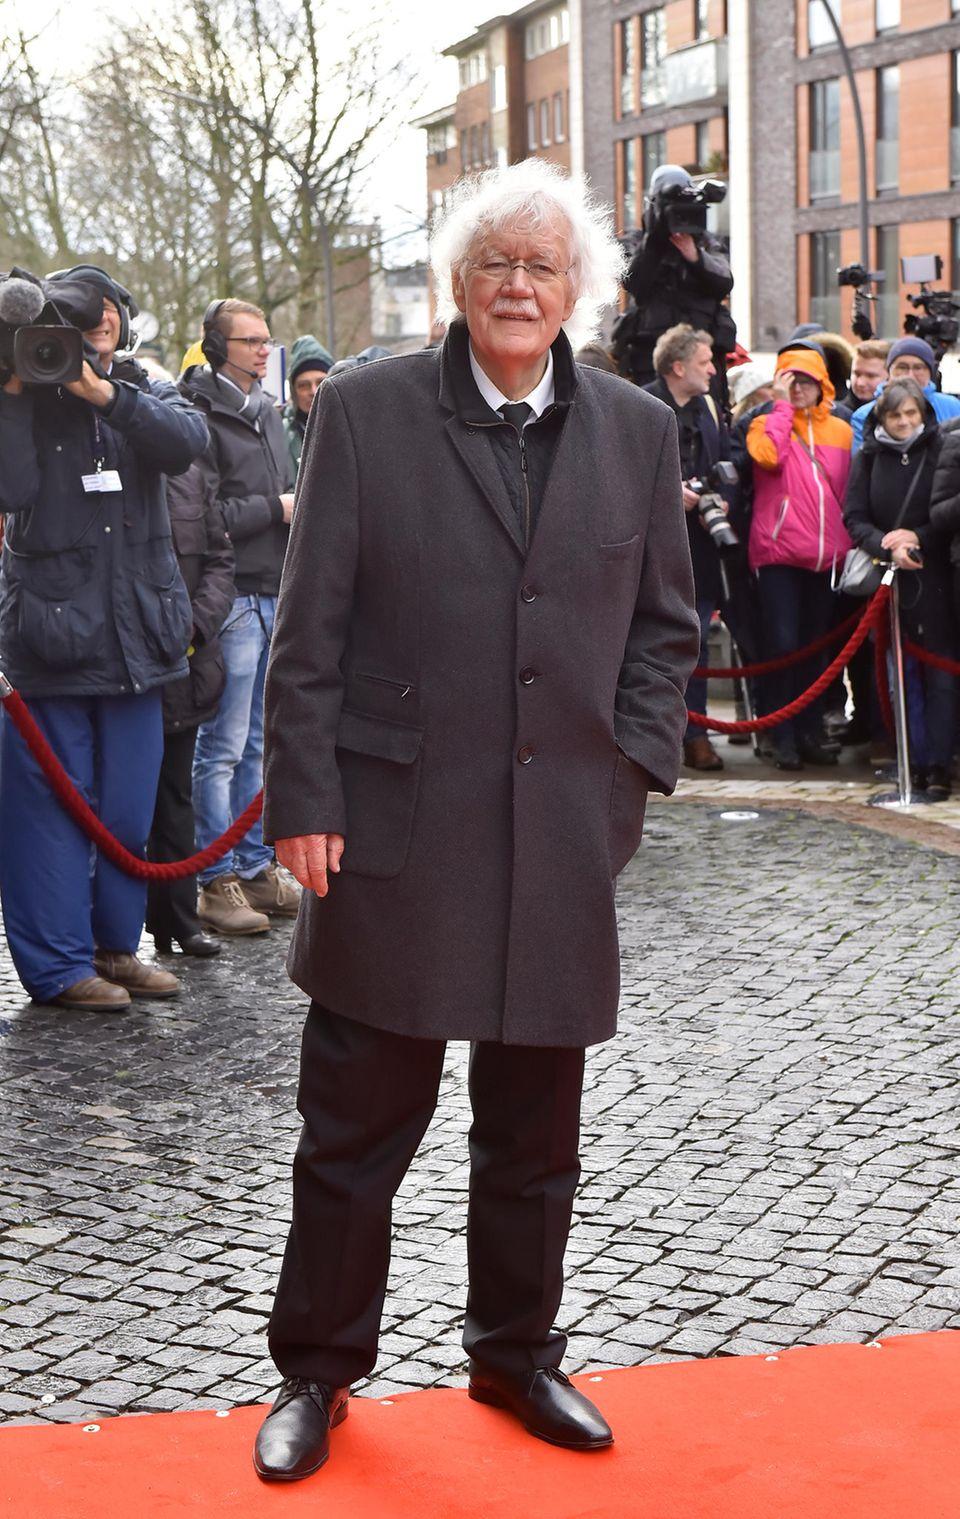 Carlo von Tiedemann